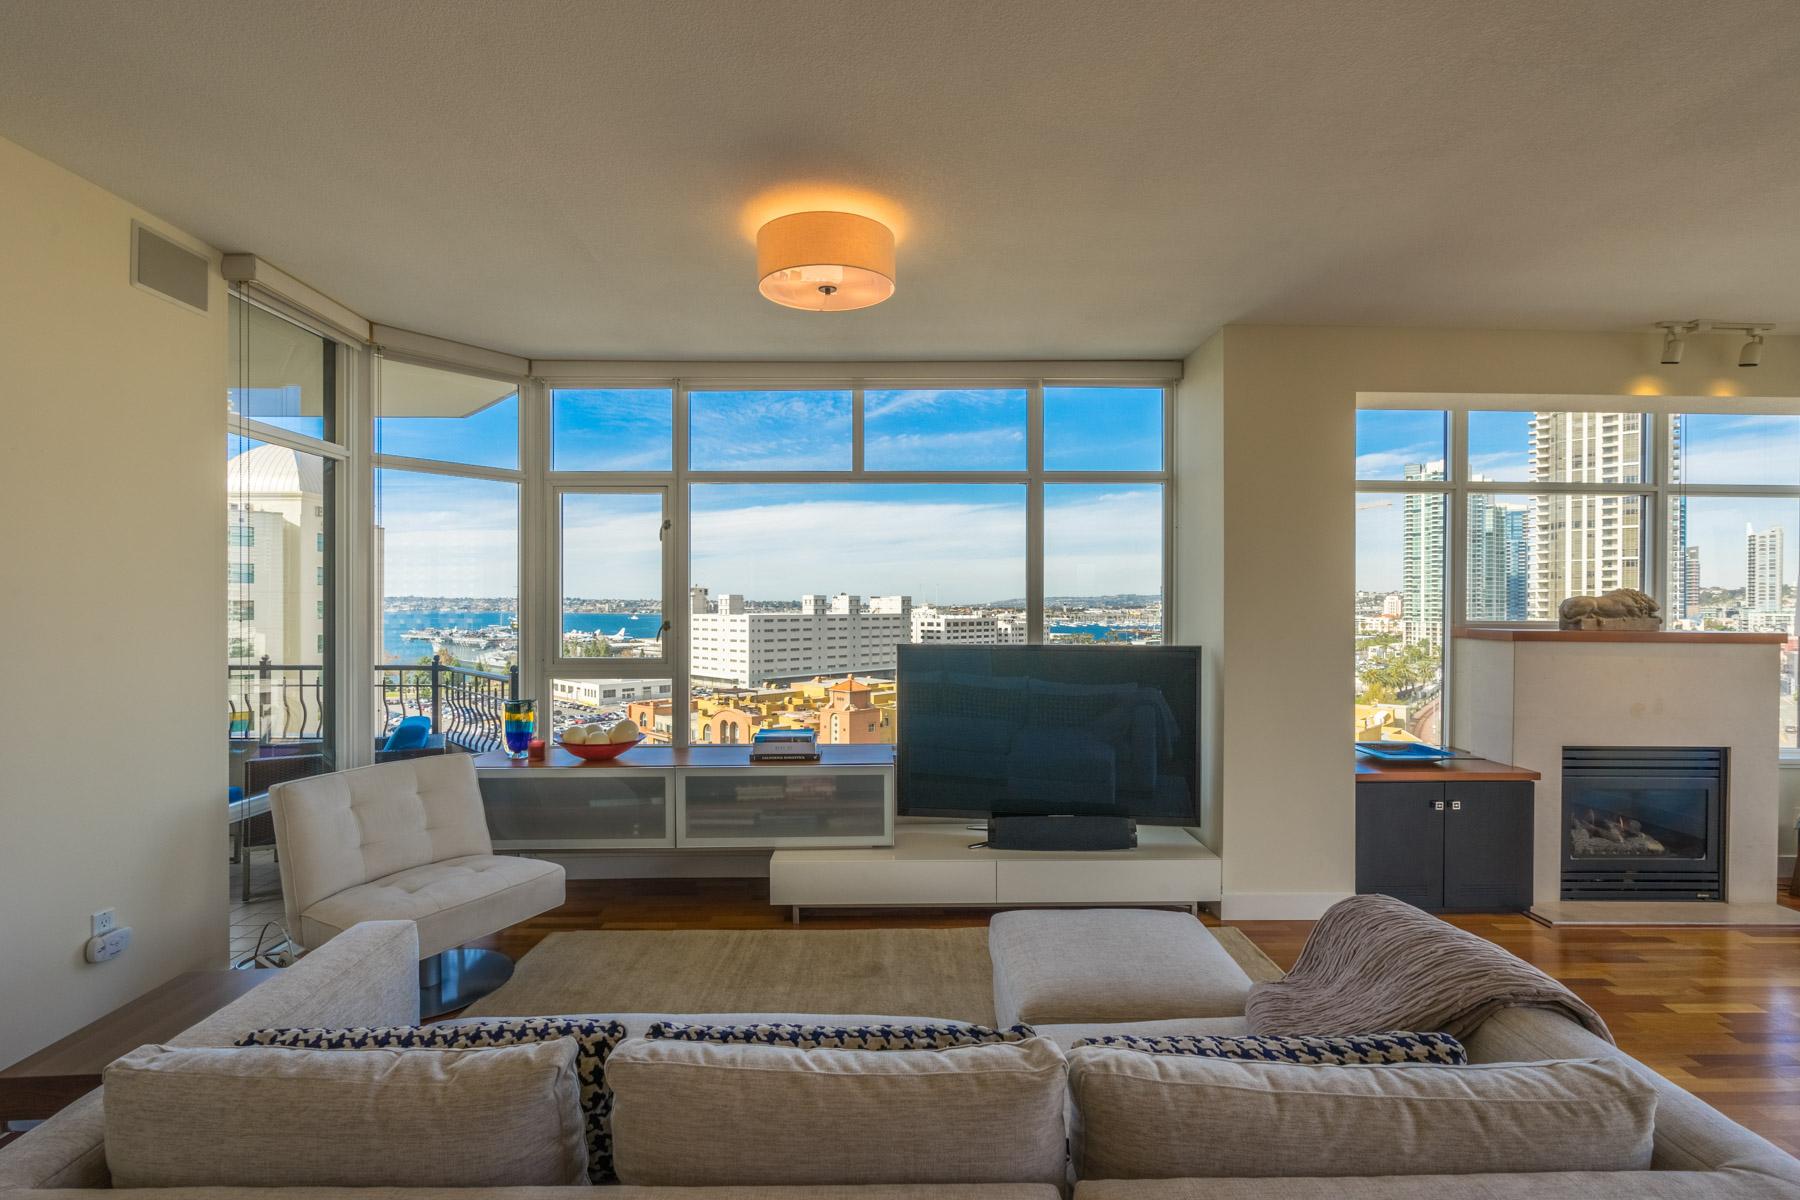 Condomínio para Venda às Park Place 700 West Harbor Dr 1201 San Diego, Califórnia 92101 Estados Unidos